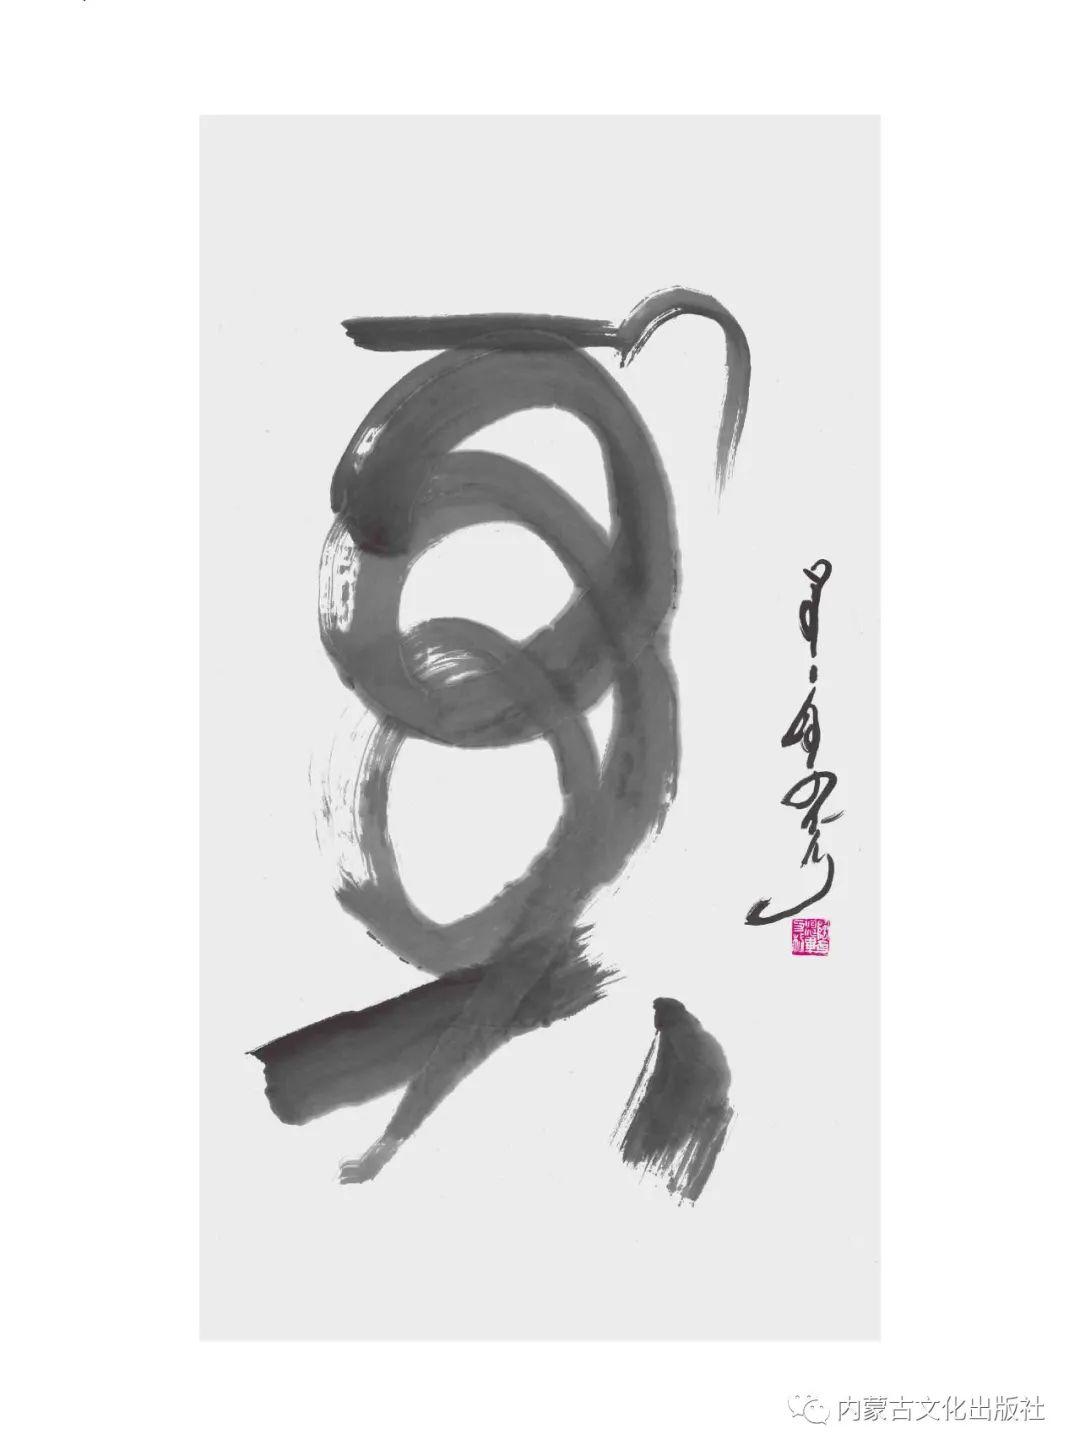 蒙古语 | 蒙古文书法欣赏 第4张 蒙古语 | 蒙古文书法欣赏 蒙古书法